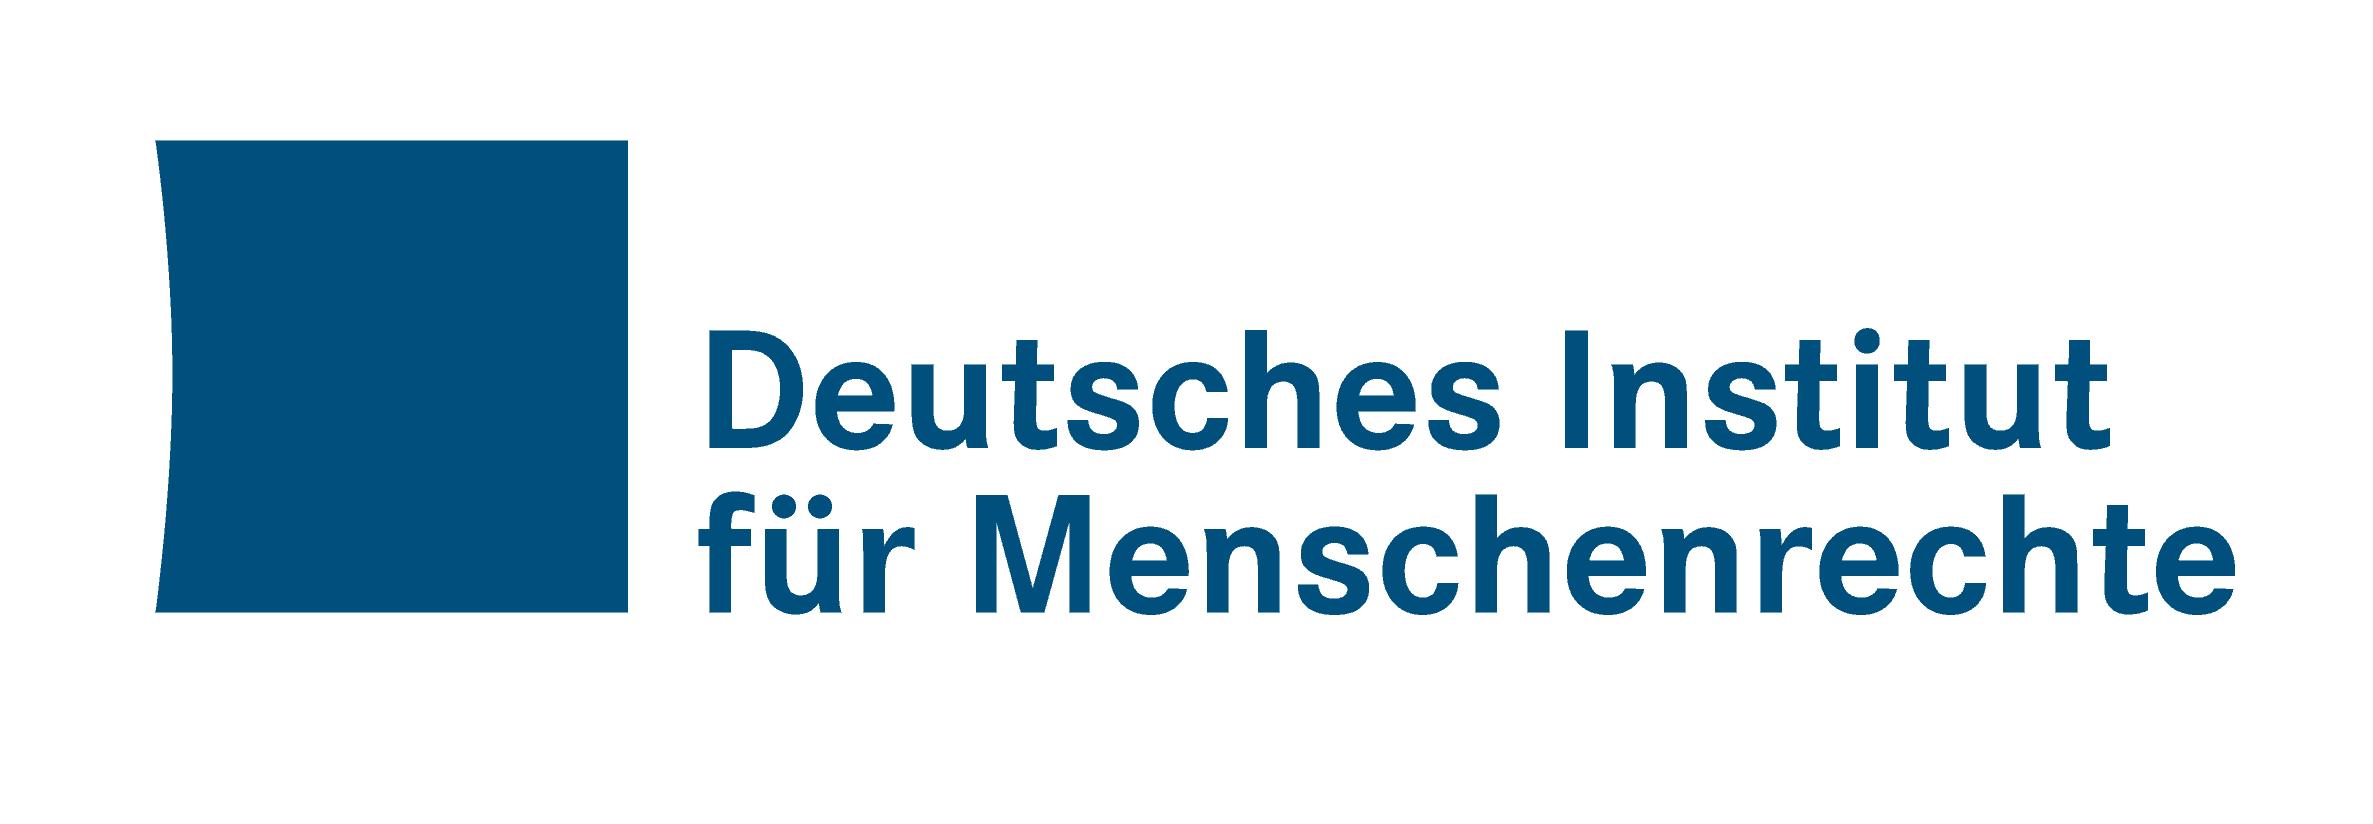 Logo des Deutschen Instituts für Menschenrechte :: Neben einem dunkelblauen Quadrat, bei dem die linke Seite eingewölbt ist steht  Deutschen Instituts für Menschenrechte.